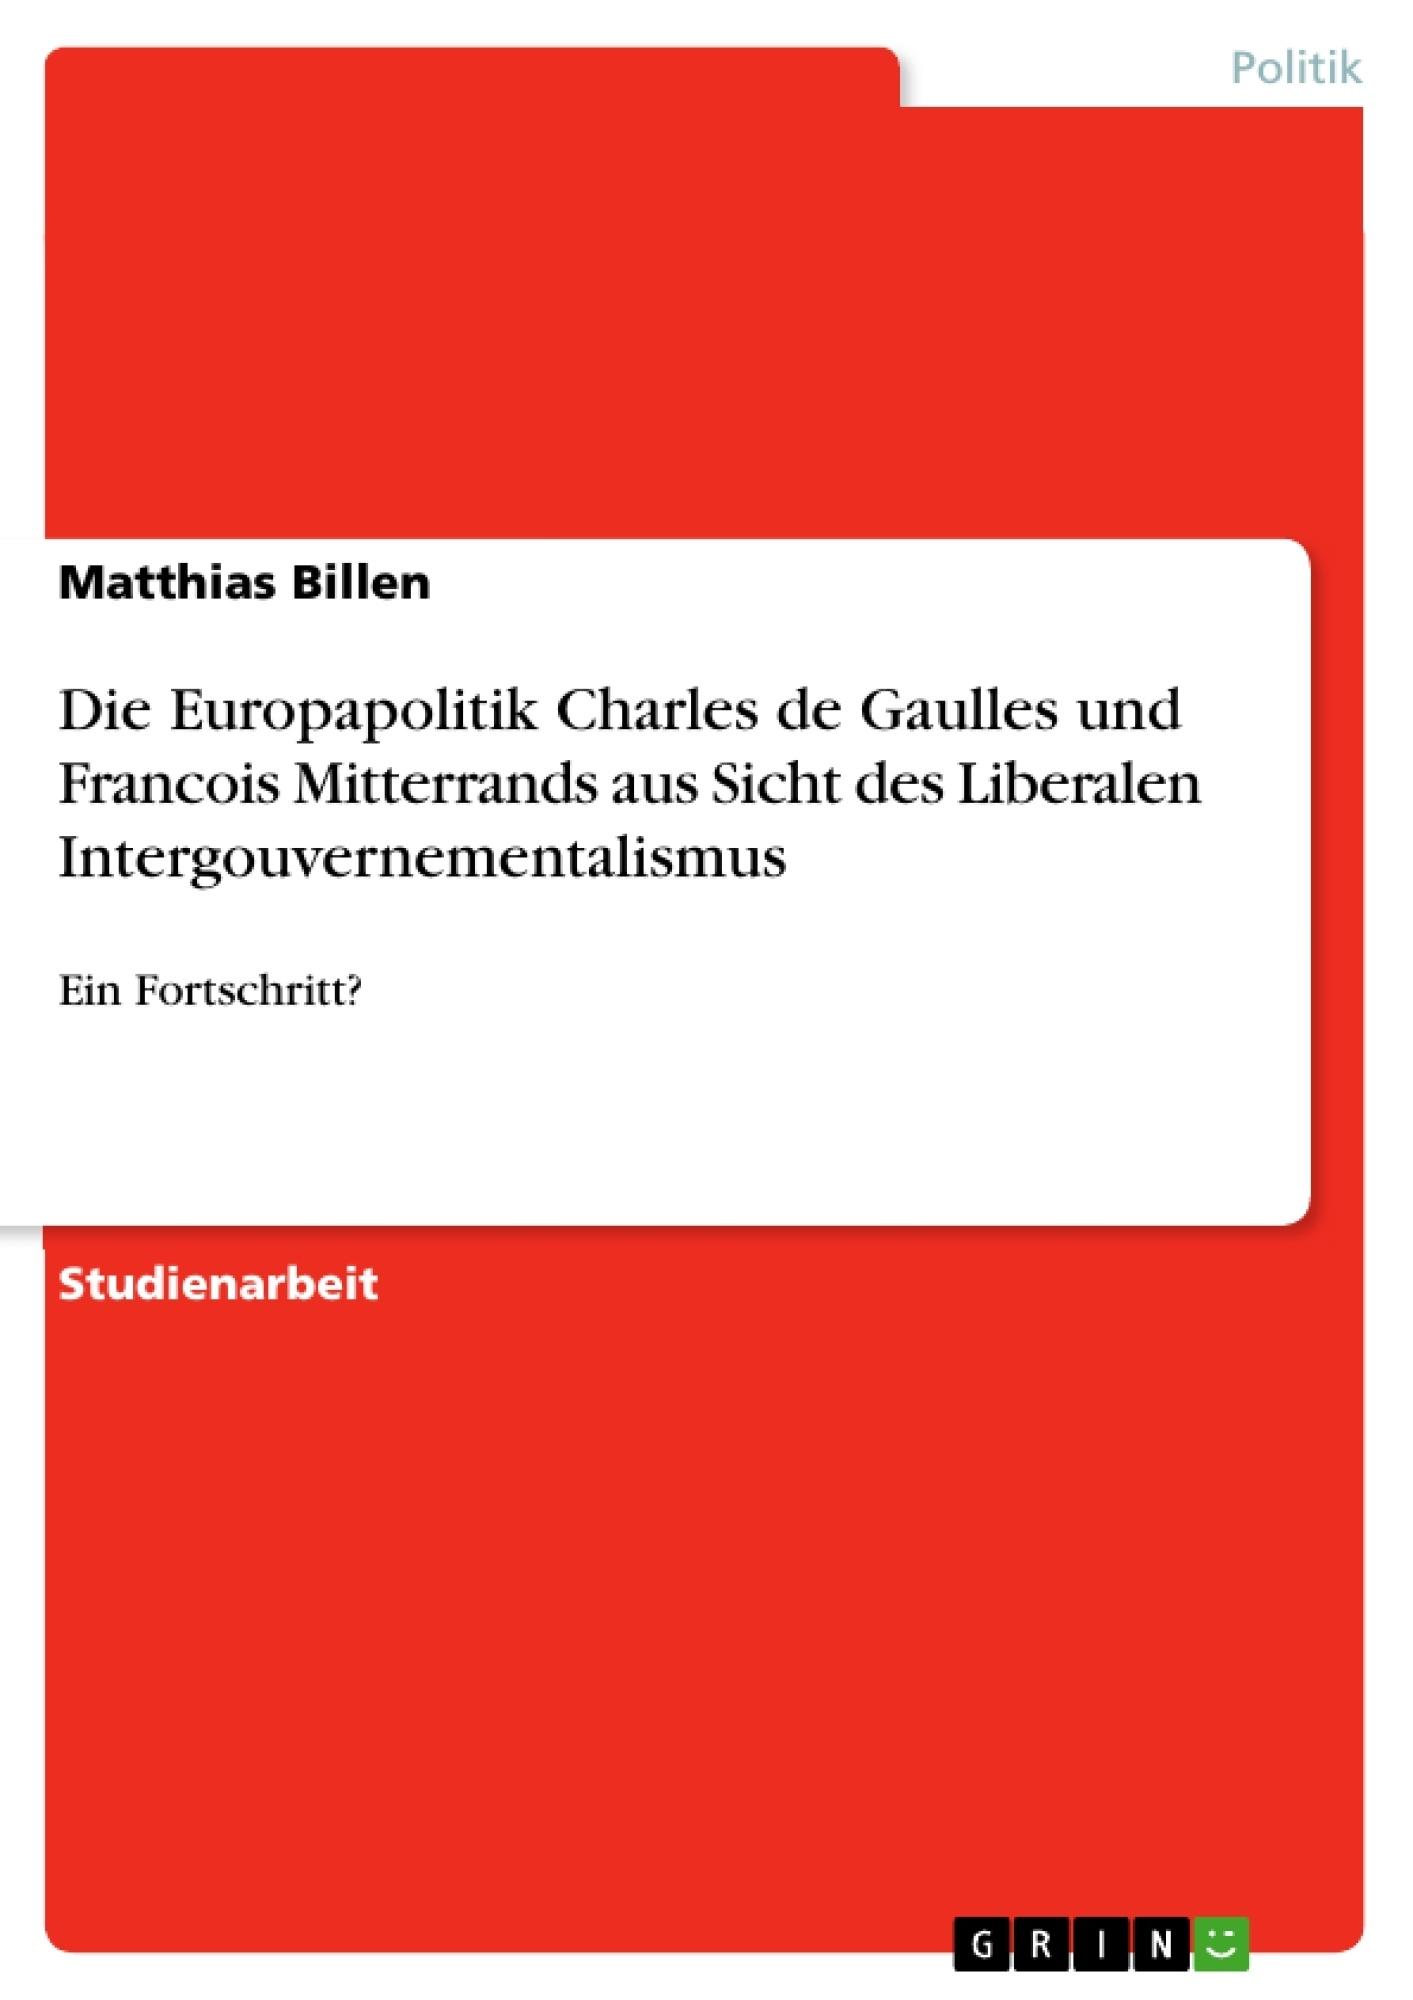 Titel: Die Europapolitik Charles de Gaulles und Francois Mitterrands aus Sicht des Liberalen Intergouvernementalismus